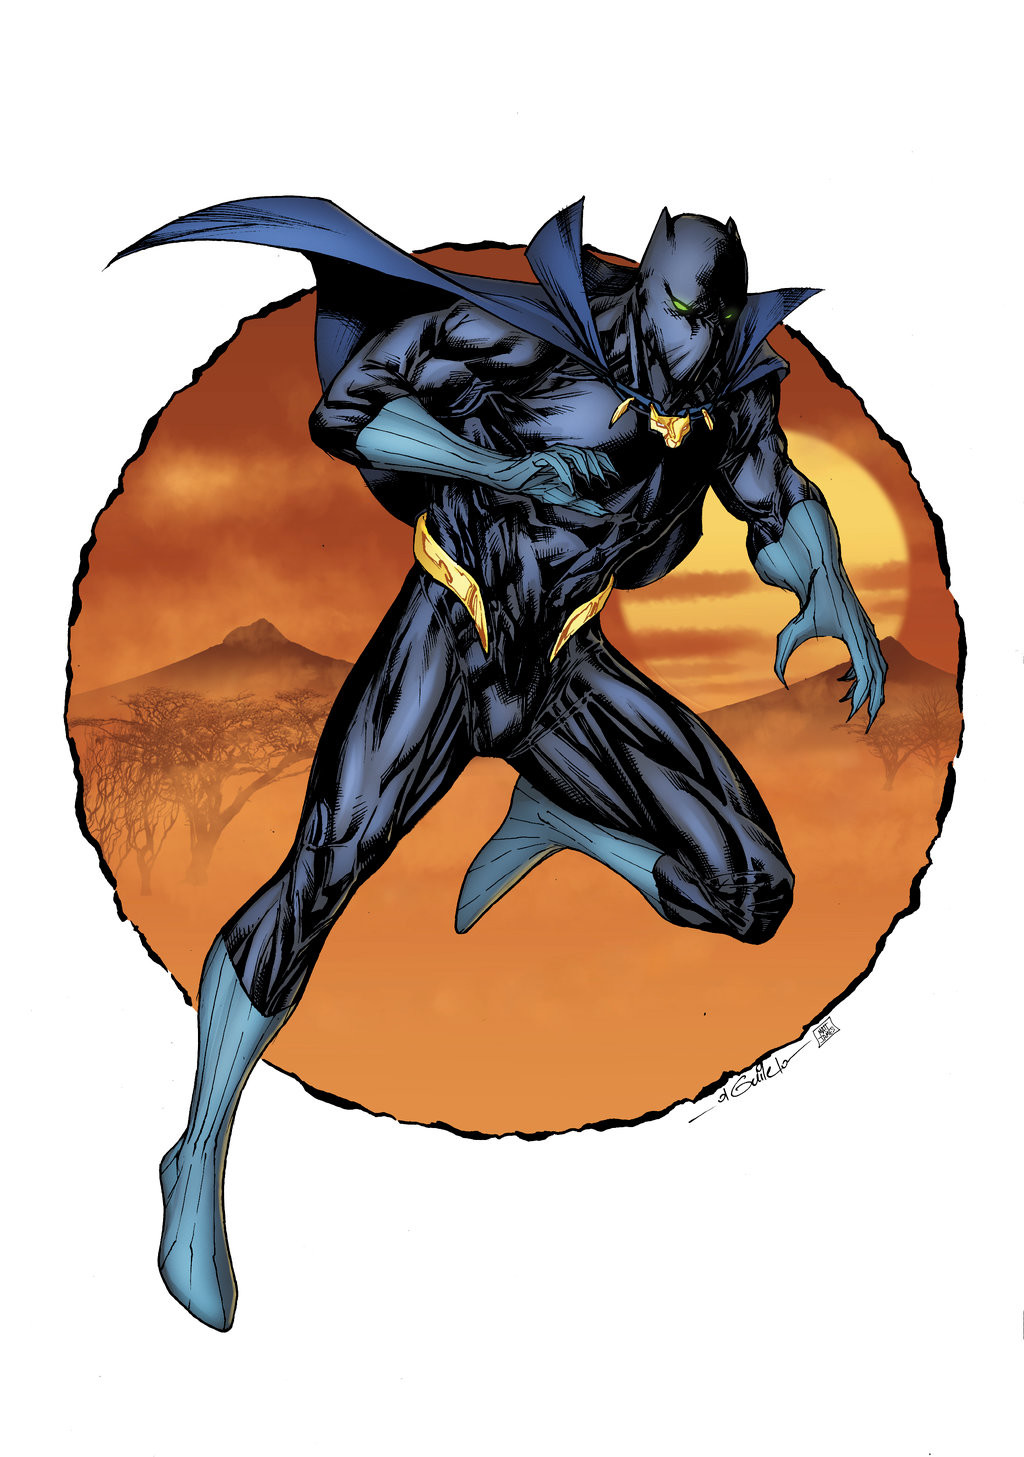 Matt james black panther by snakebitartstudio dbp35ym